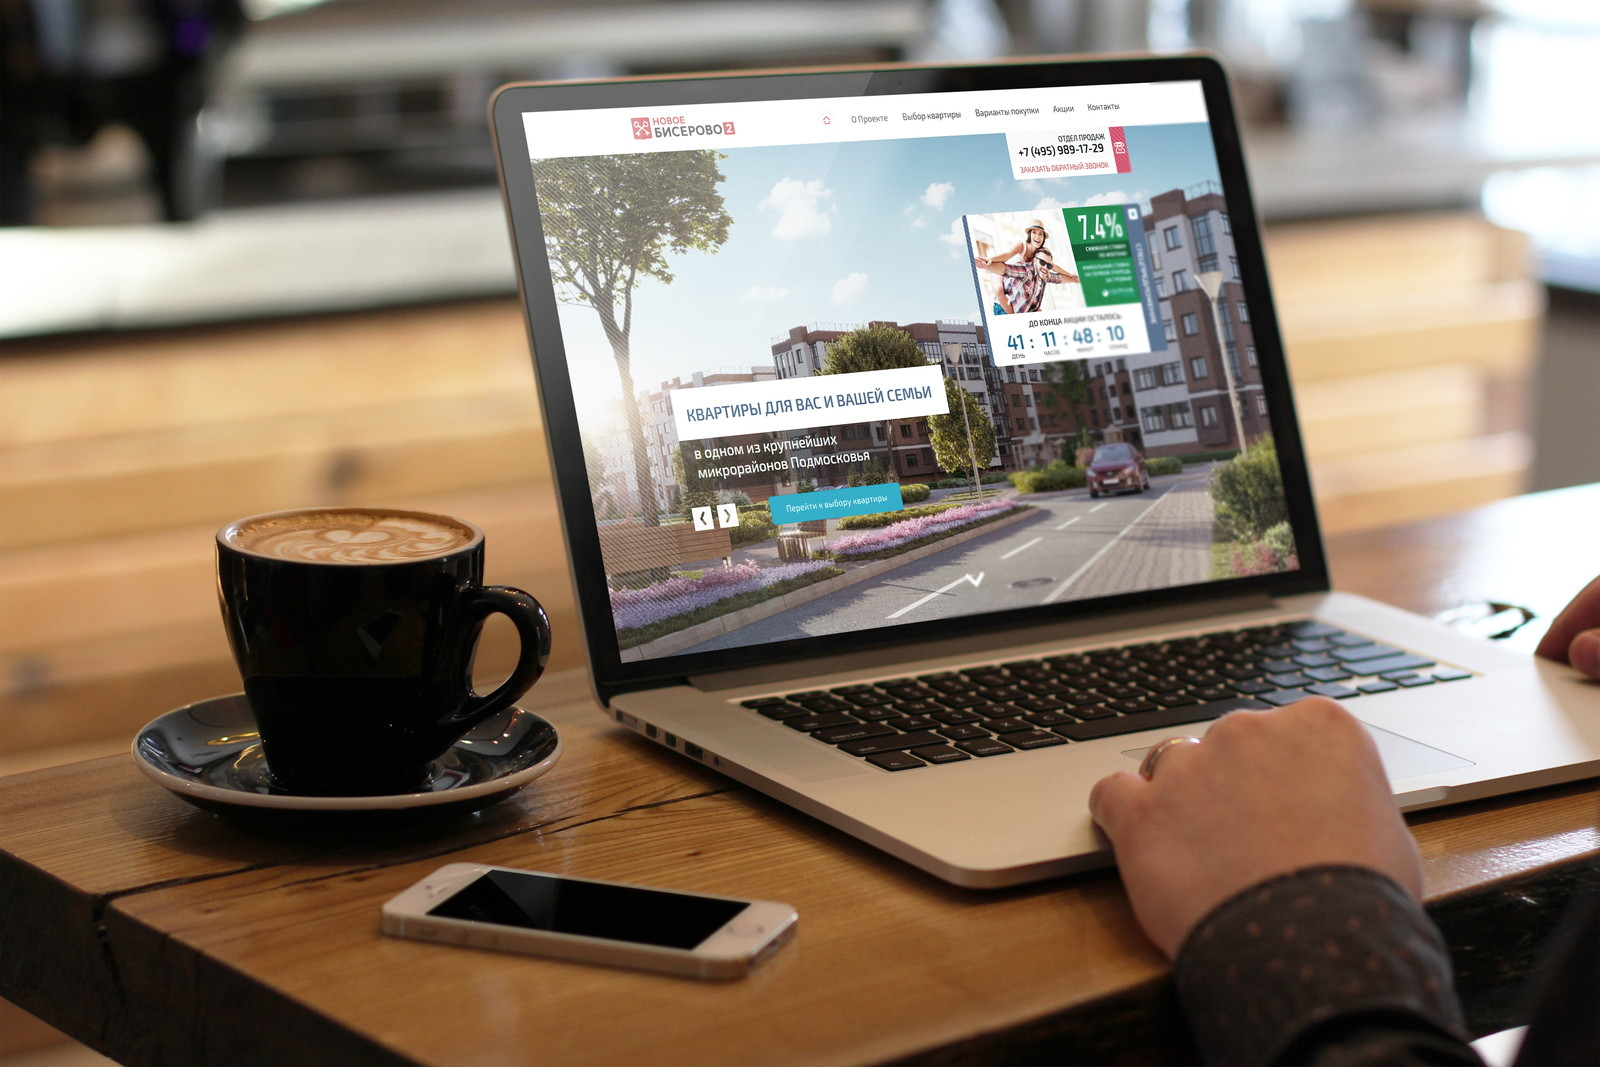 Разработка нового сайта микрорайона Новое Бисерово 2